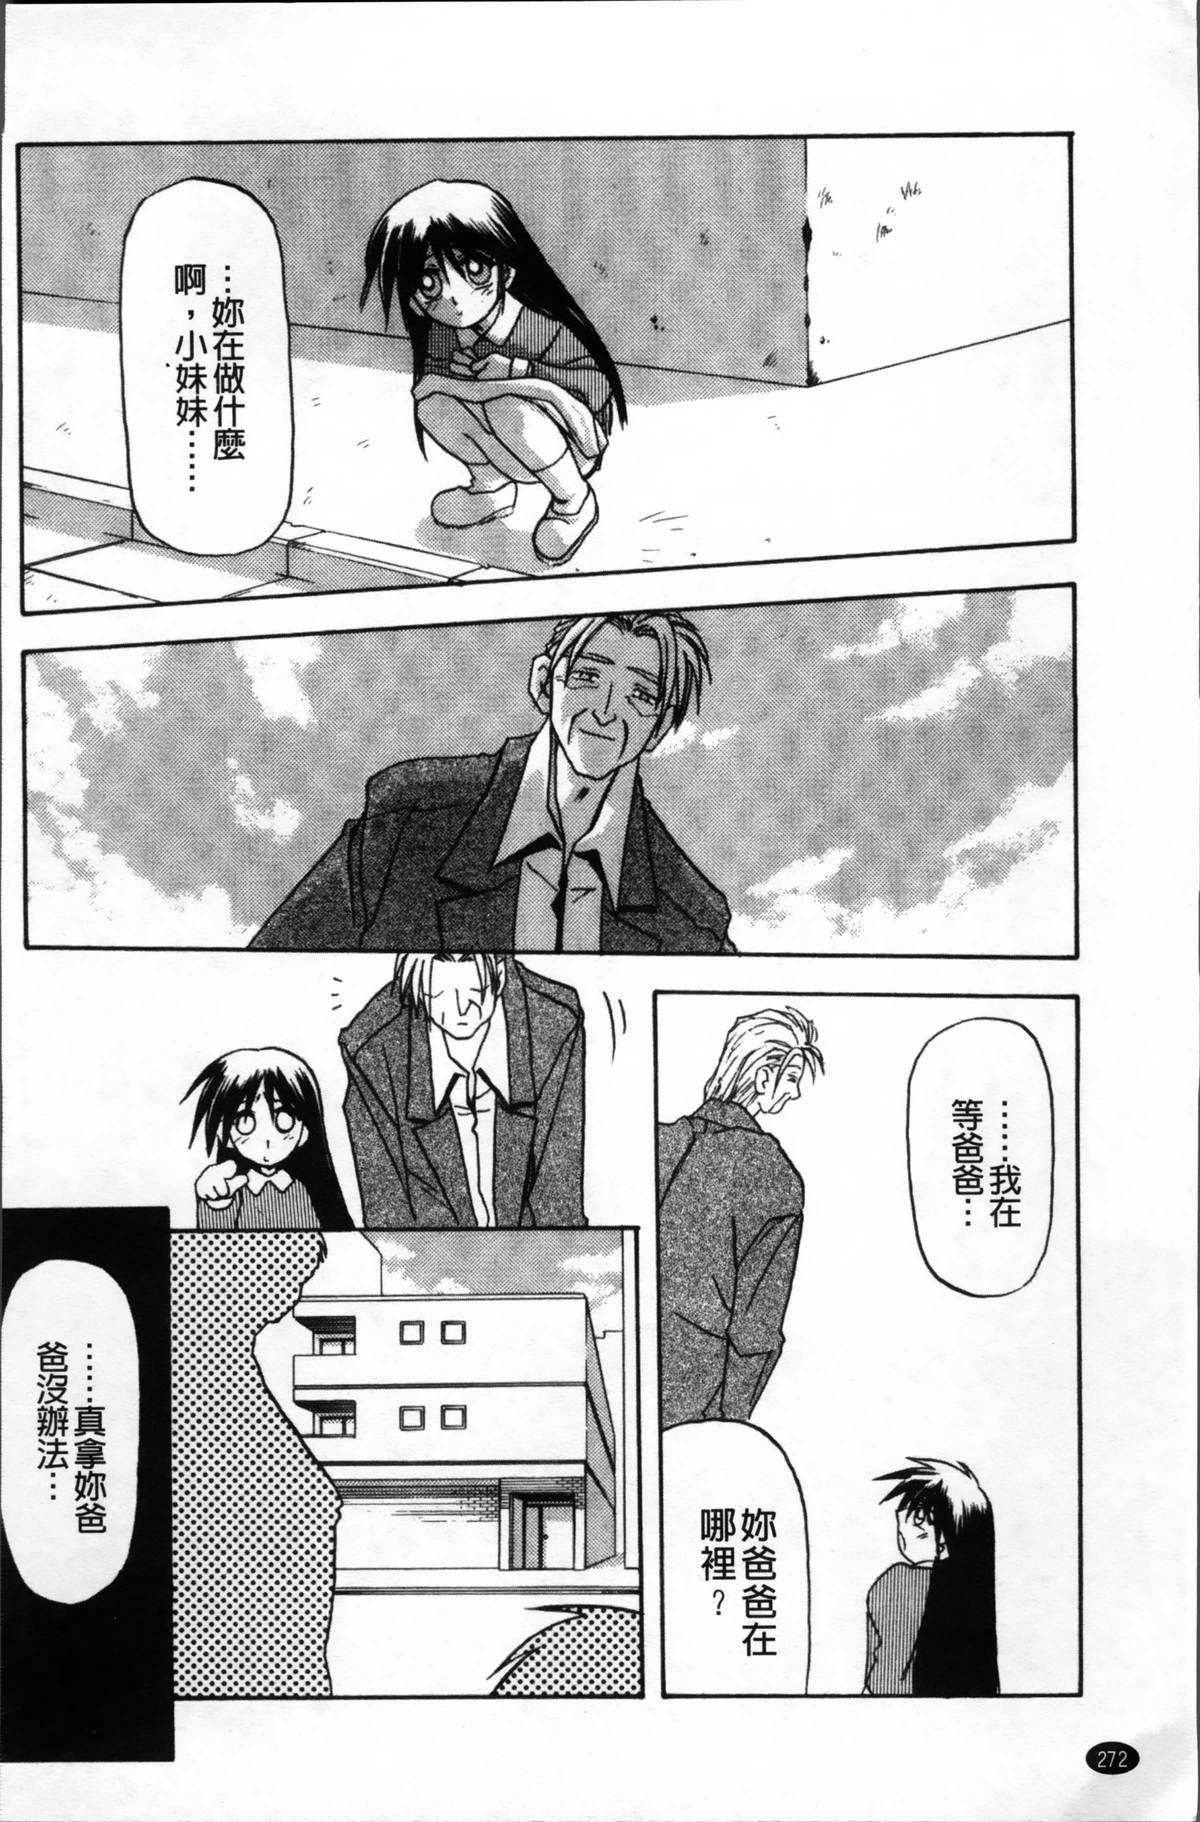 Hiiro no Koku Kanzenban   緋色之刻 完全版 275